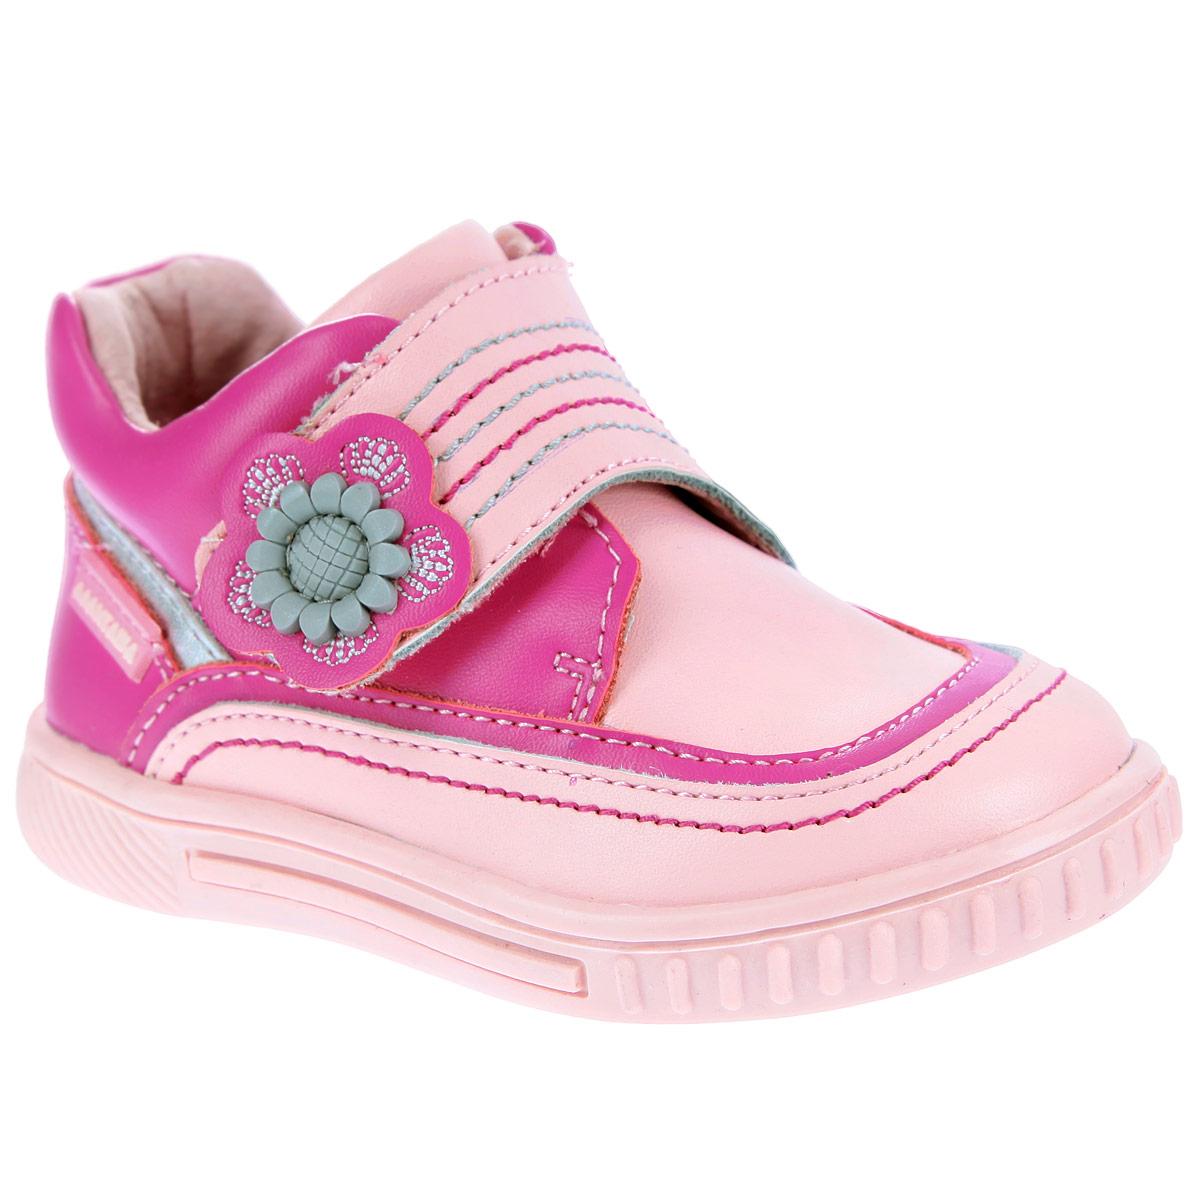 Ботинки для девочки Аллигаша, цвет: розовый. 193. Размер 25193Стильные ботинки оригинального дизайна покорят вашу девочку с первого взгляда! Модель выполнена из натуральной кожи и оформлена прострочками. Широкий хлястик с застежкой-липучкой надежно фиксирует ножку ребенка, а так же позволяет регулировать любой подъем. Хлястик оформлен декоративным цветком.Стелька из натуральной кожи - с супинатором, который обеспечивает правильное положение ноги ребенка при ходьбе, предотвращает плоскостопие. Перфорация на стельке позволяет ногам дышать. Гибкая прорезиненная подошва позволяет сгибаться детской стопе при ходьбе или беге анатомически правильно. Модные ботинки - незаменимая вещь в гардеробе каждого ребенка.